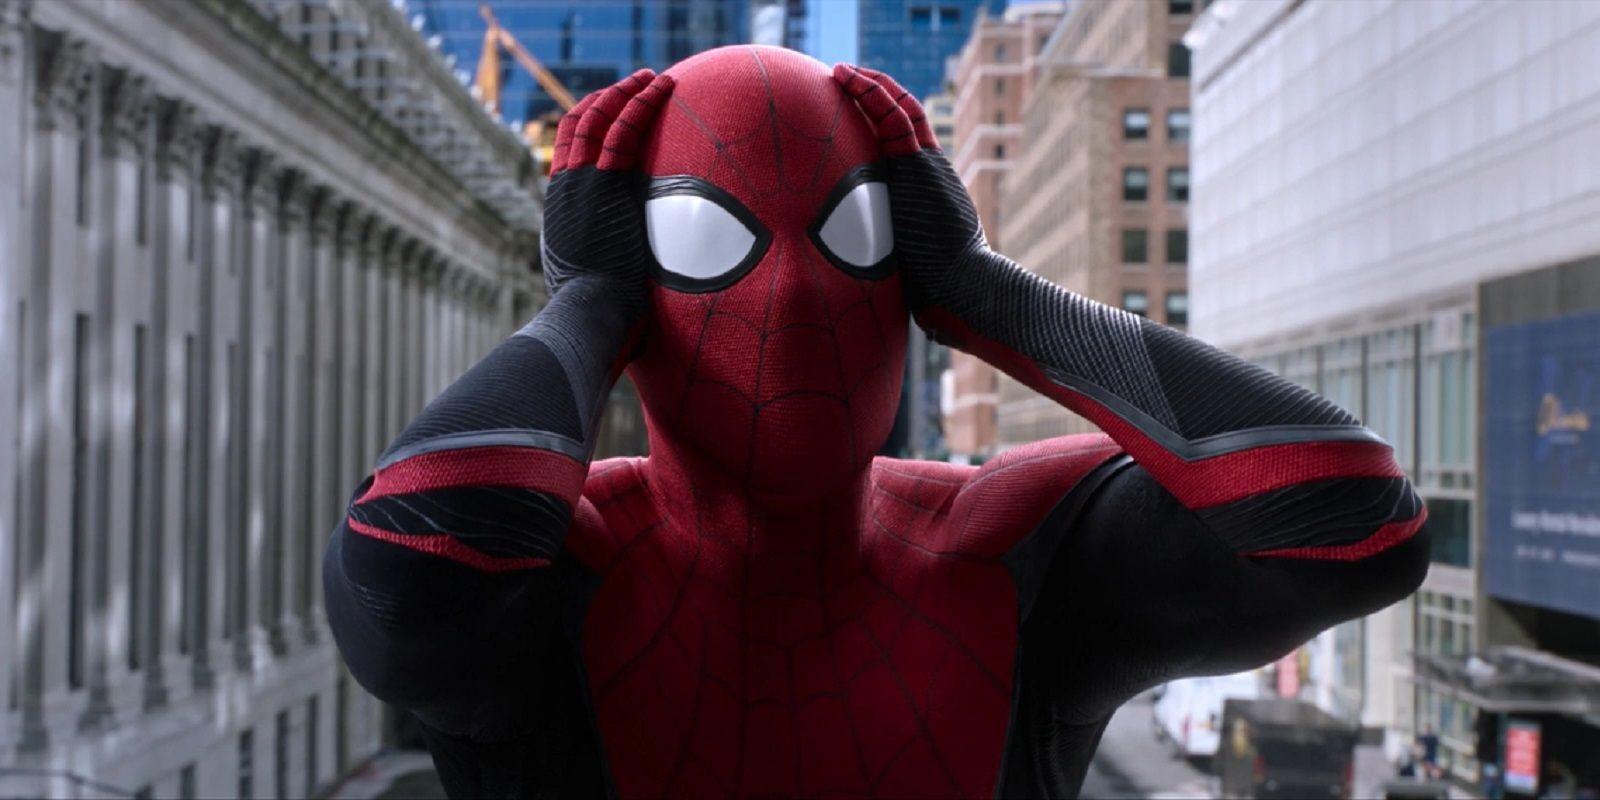 Homem-Aranha | Spider-Man: No Way Home Cada Personagem e Historia Revelados a Partir de Vazamentos e Novos Brinquedos 5